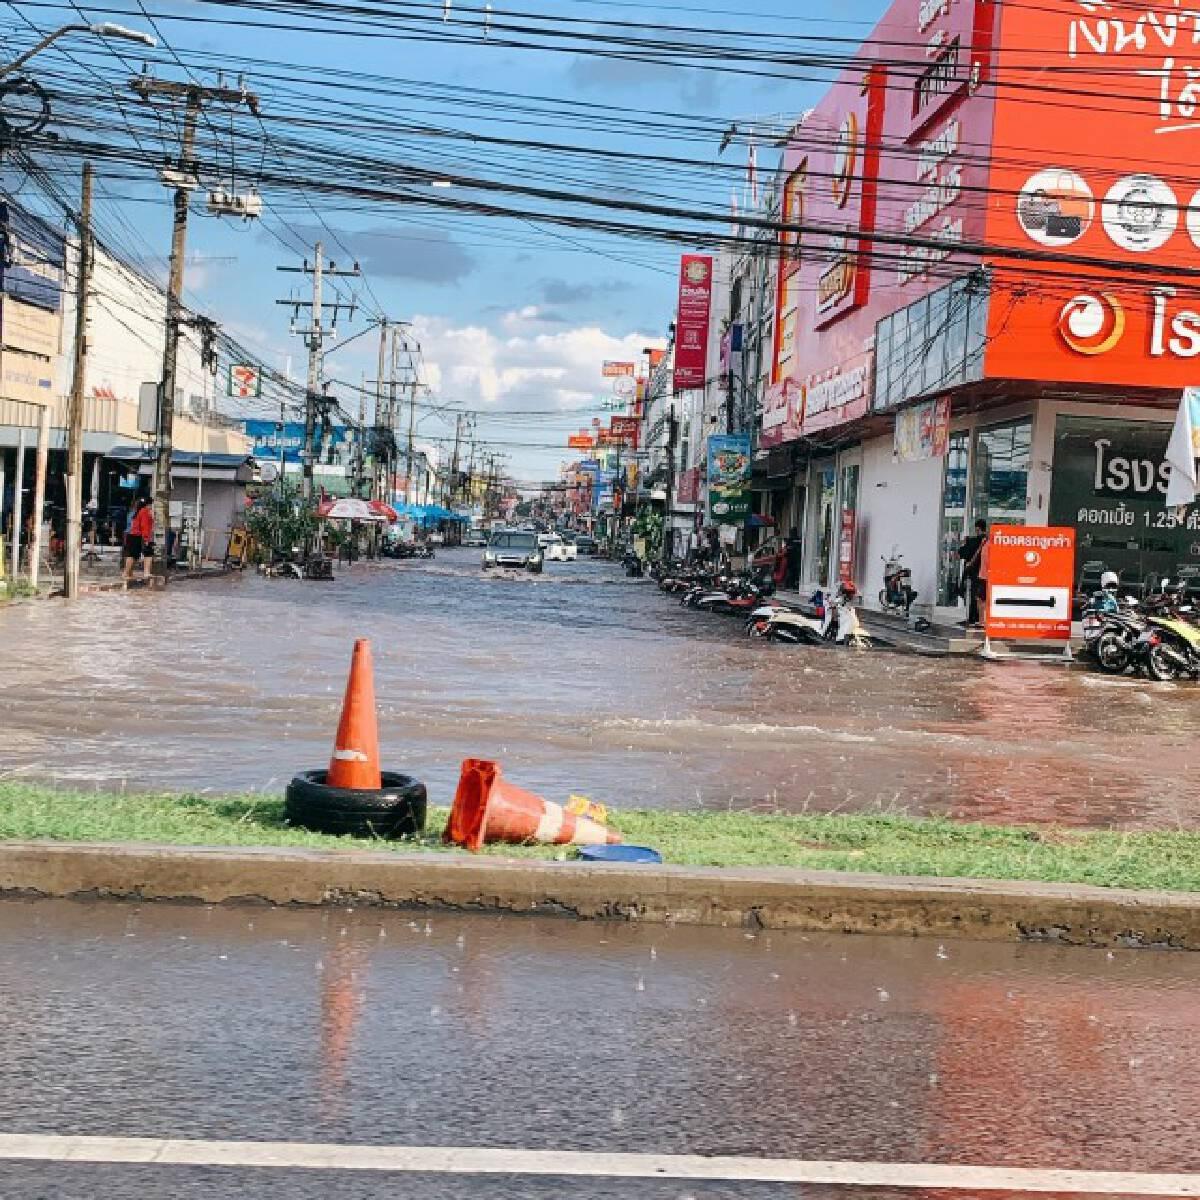 ฟ้ารั่ว!ฝนตกหนักไม่ถึงชั่วโมง ตลาดนัดเปิดท้ายเซฟวันจม